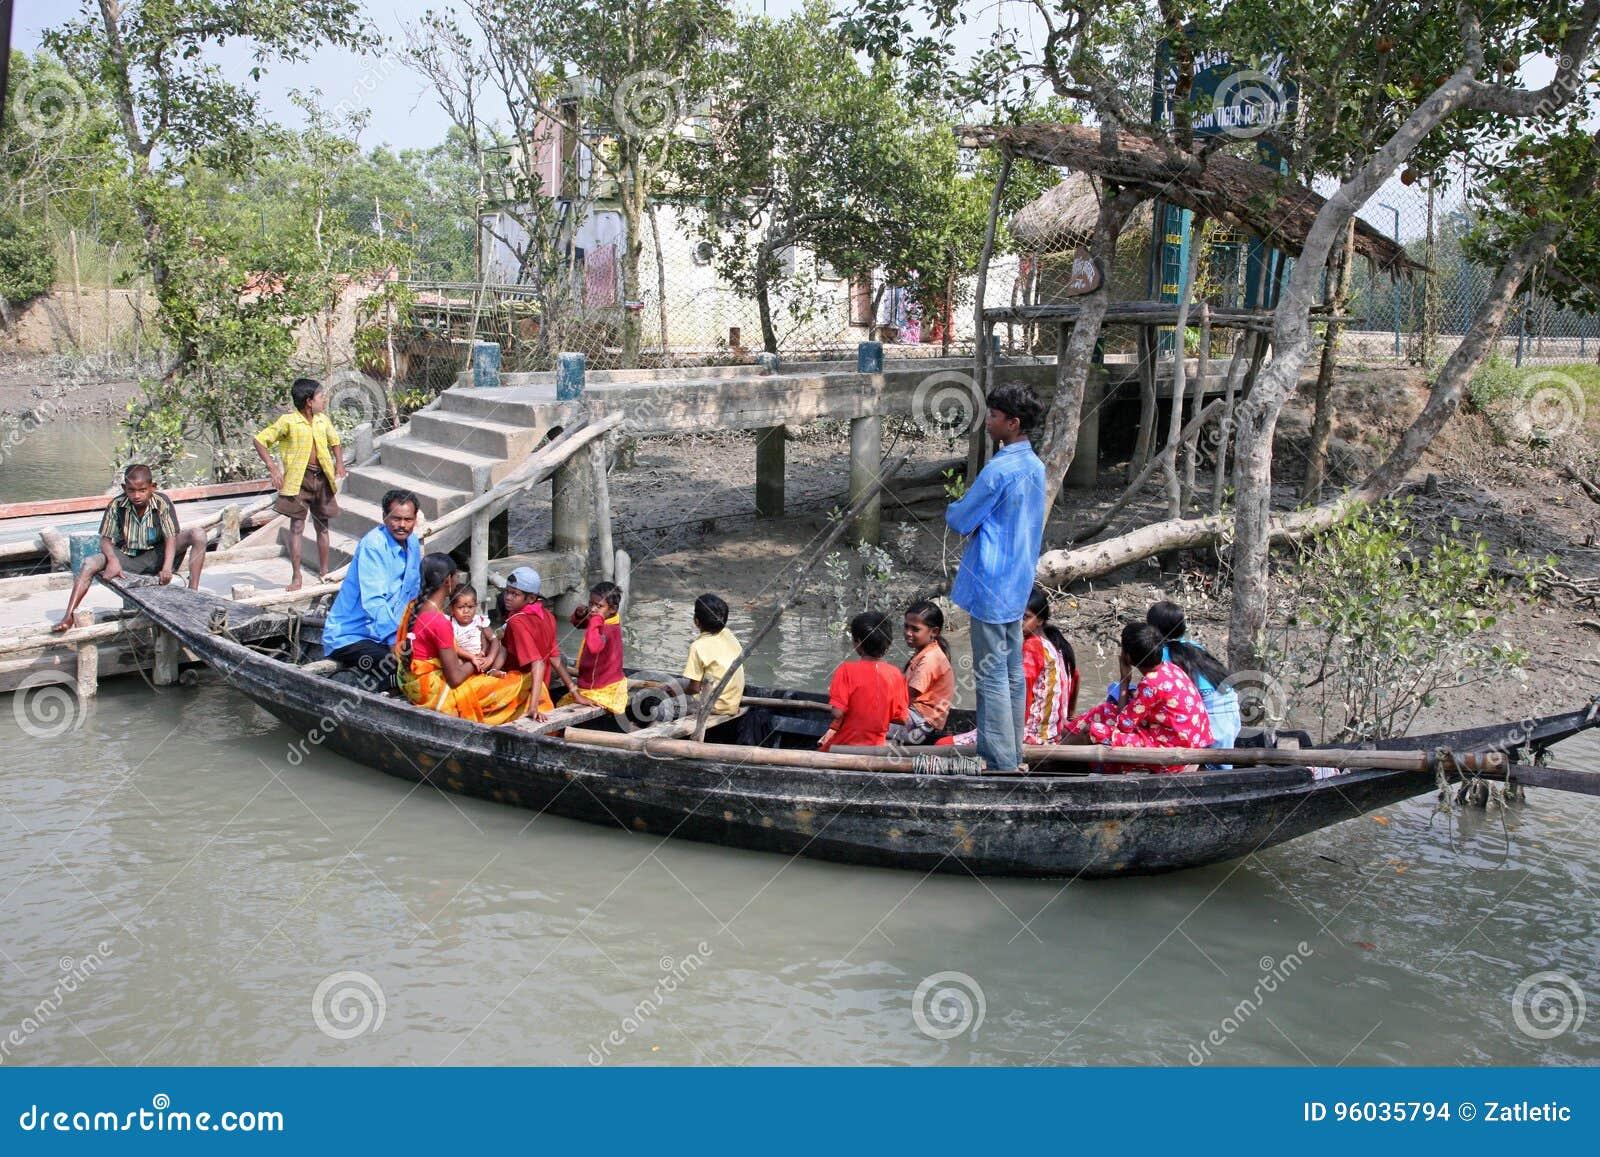 Drewniana łódź krzyżuje Ganges rzekę w Gosaba, Zachodni Bengalia, India